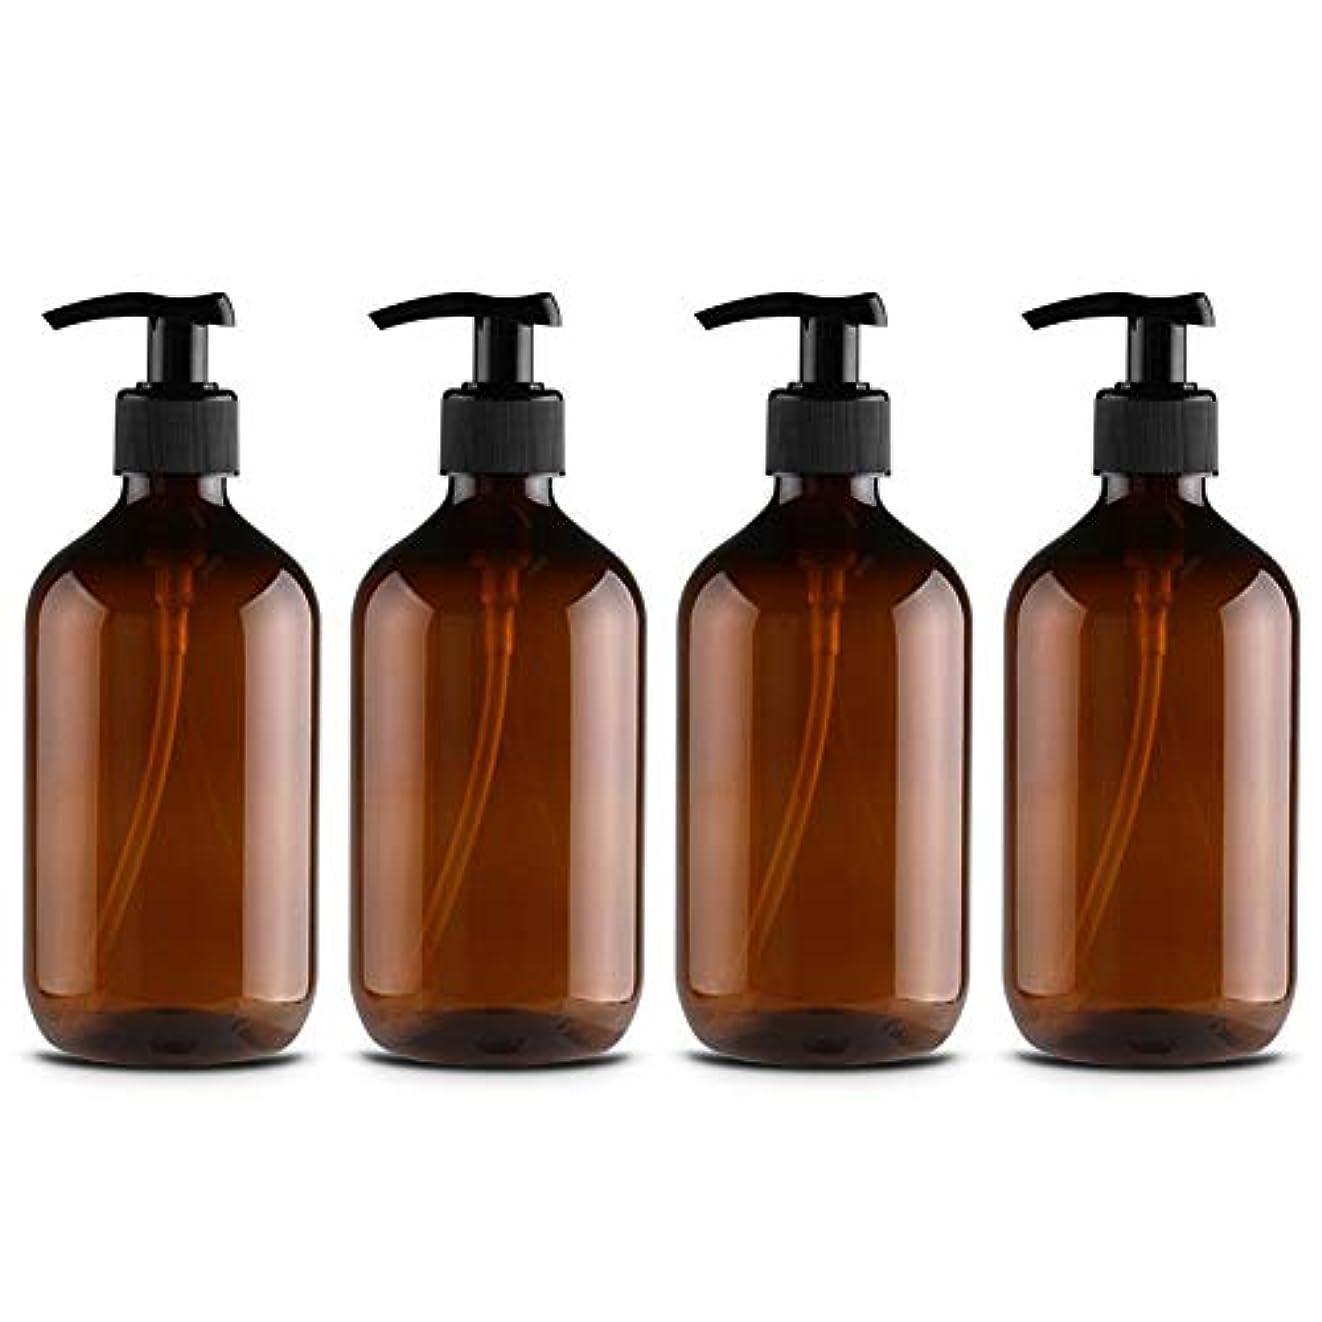 TeFuAnAn 500ml 4個入り 化粧品ボトル 分けボトル ローションボトル シャンプーボトル シャワージェルボトル ハンドローションボトル 空ポンプボトル 携帯詰め替え容器 漏れ防止